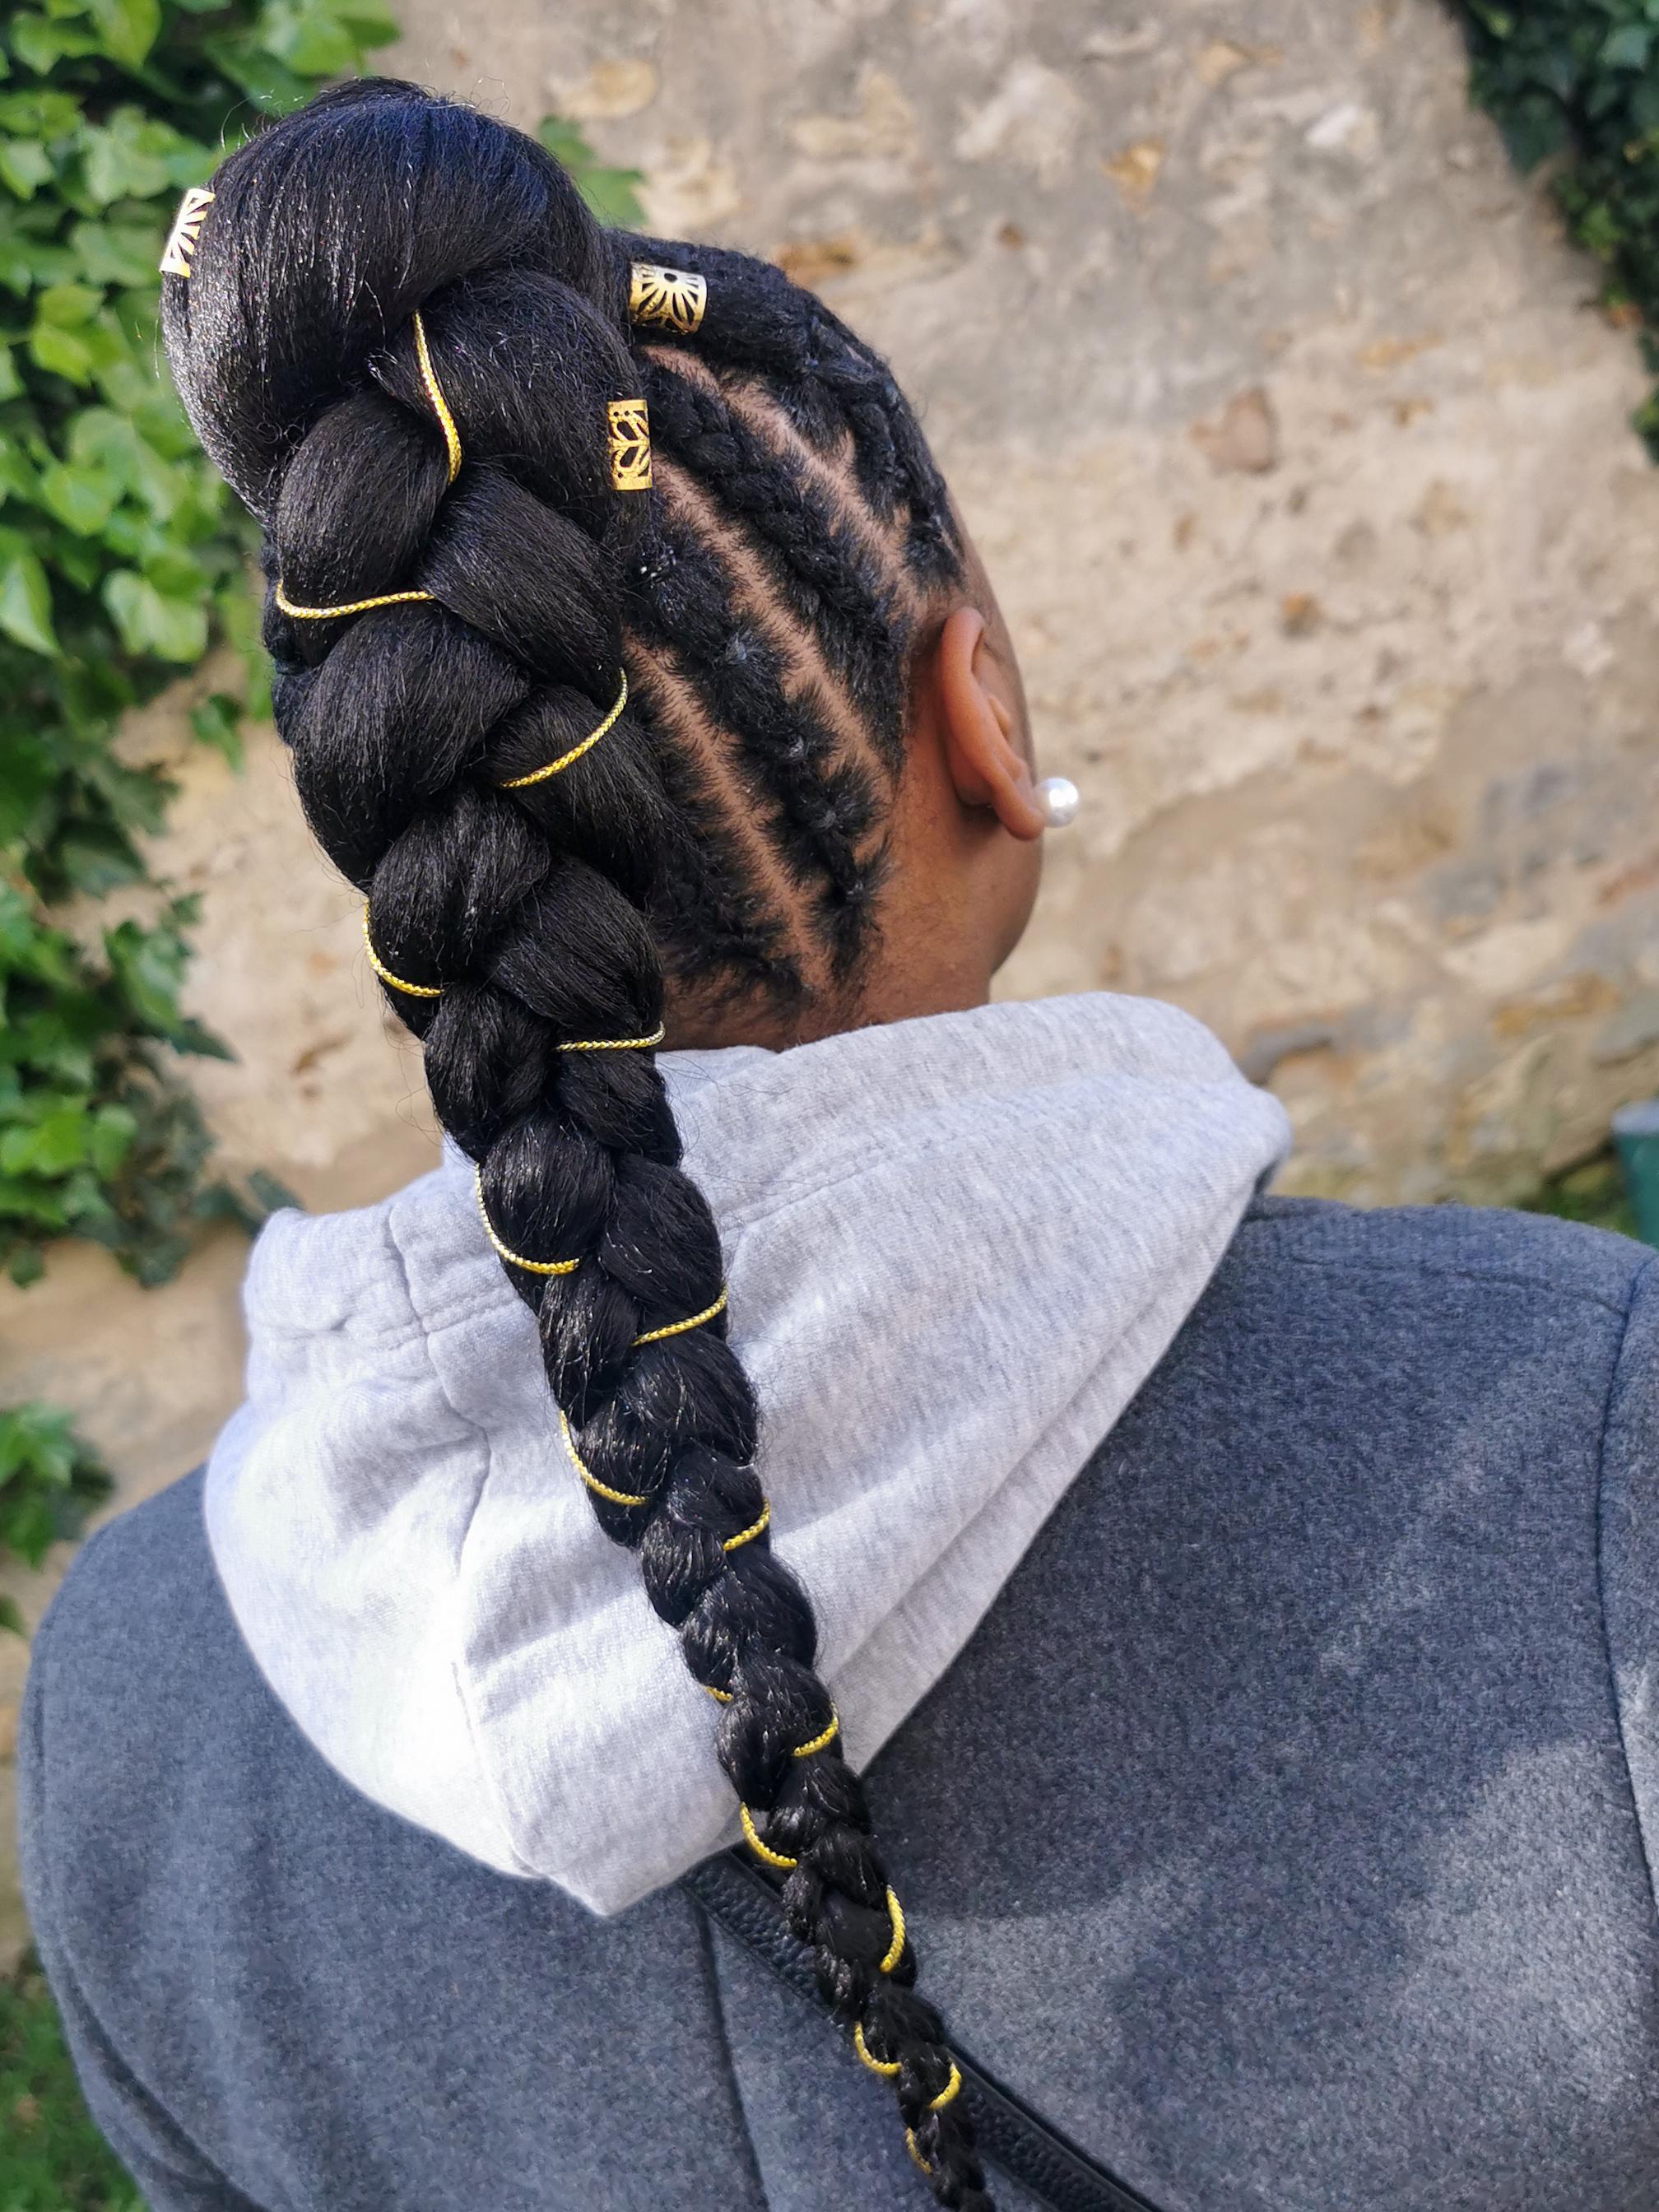 salon de coiffure afro tresse tresses box braids crochet braids vanilles tissages paris 75 77 78 91 92 93 94 95 UXQHYMQH